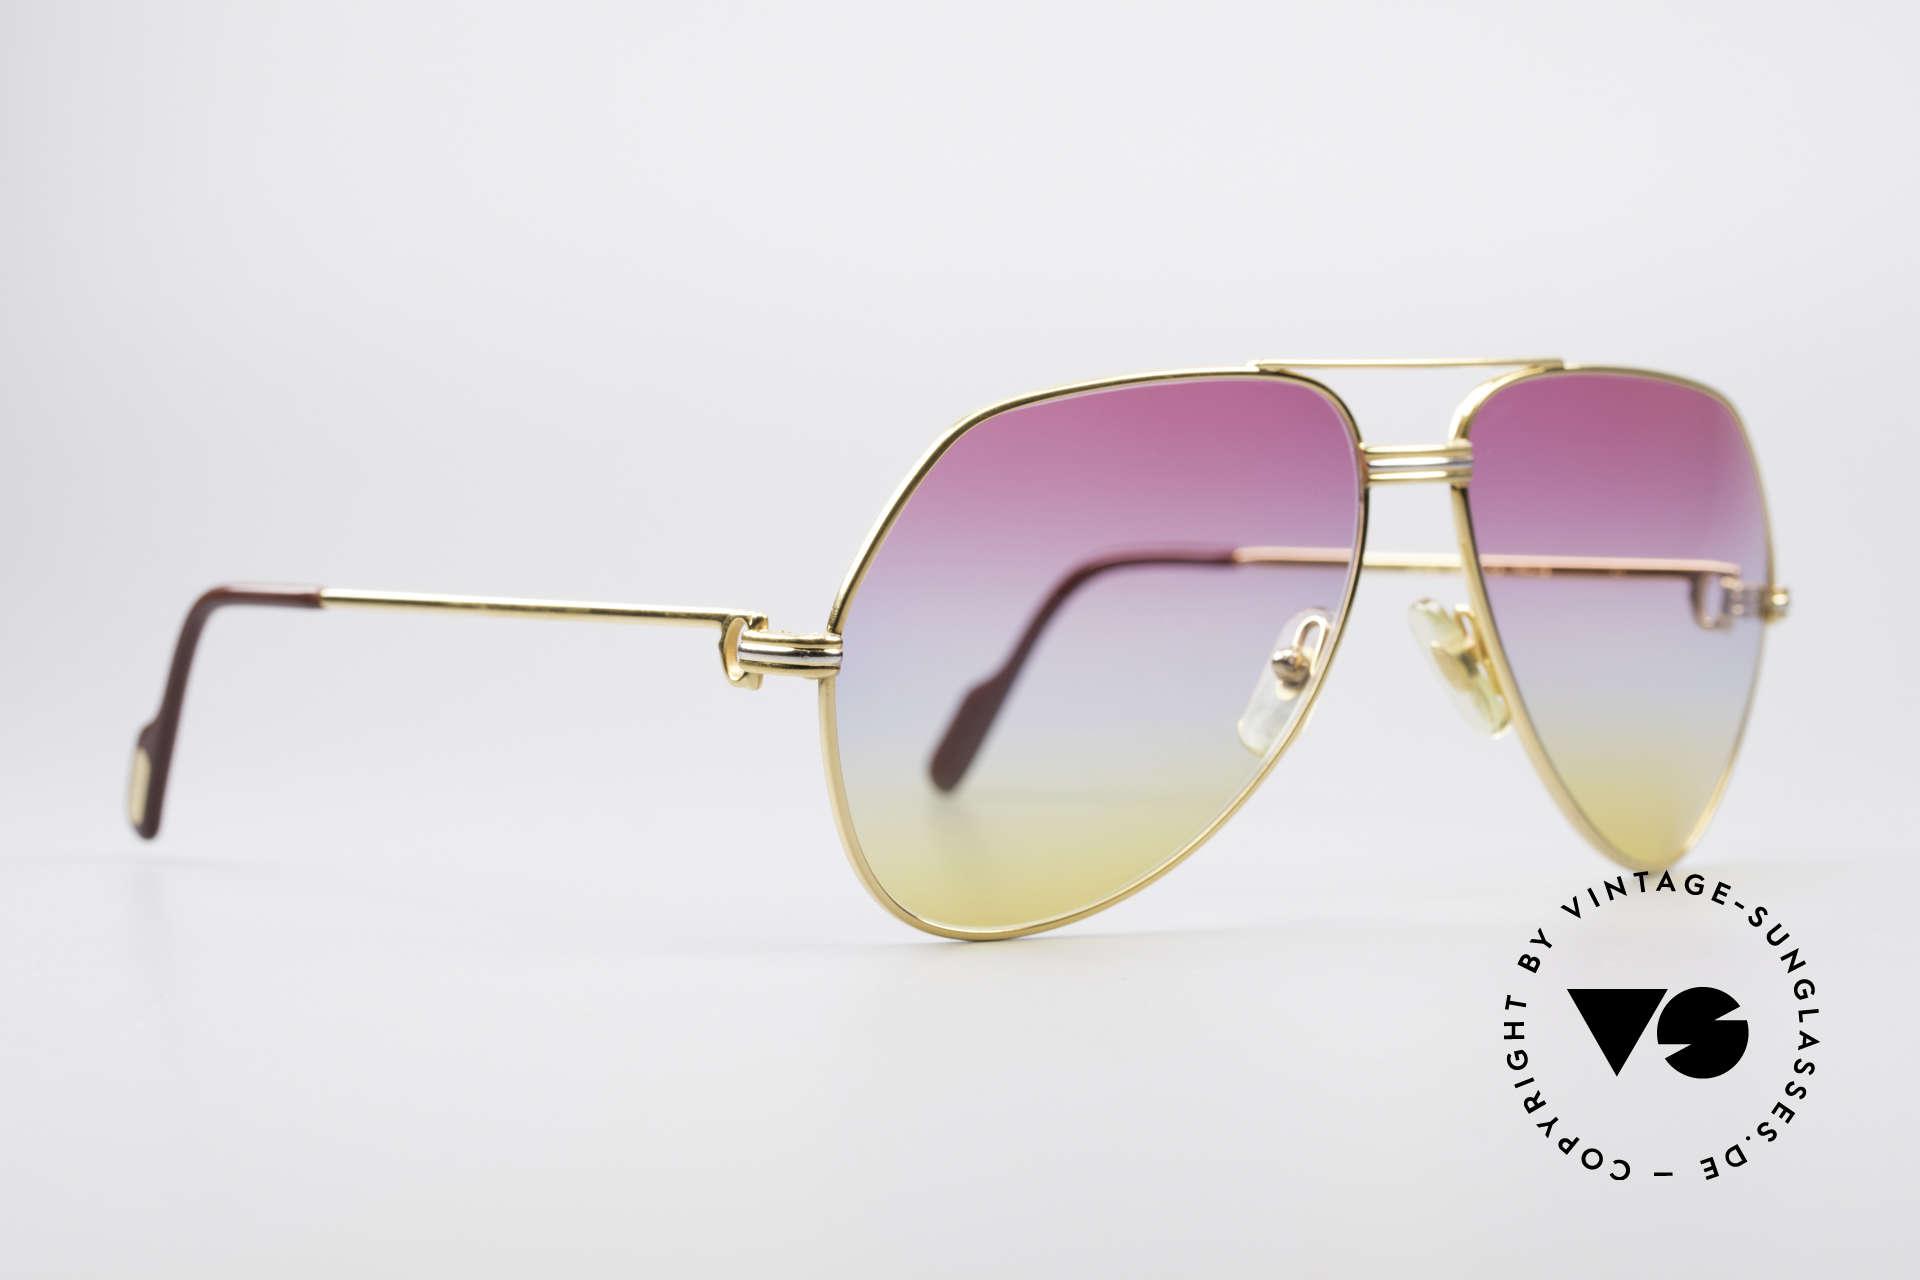 Cartier Vendome LC - L Rare Luxus Vintage Brille, dieses Modell mit LC-Dekor in LARGE Größe 62-14, 140, Passend für Herren und Damen